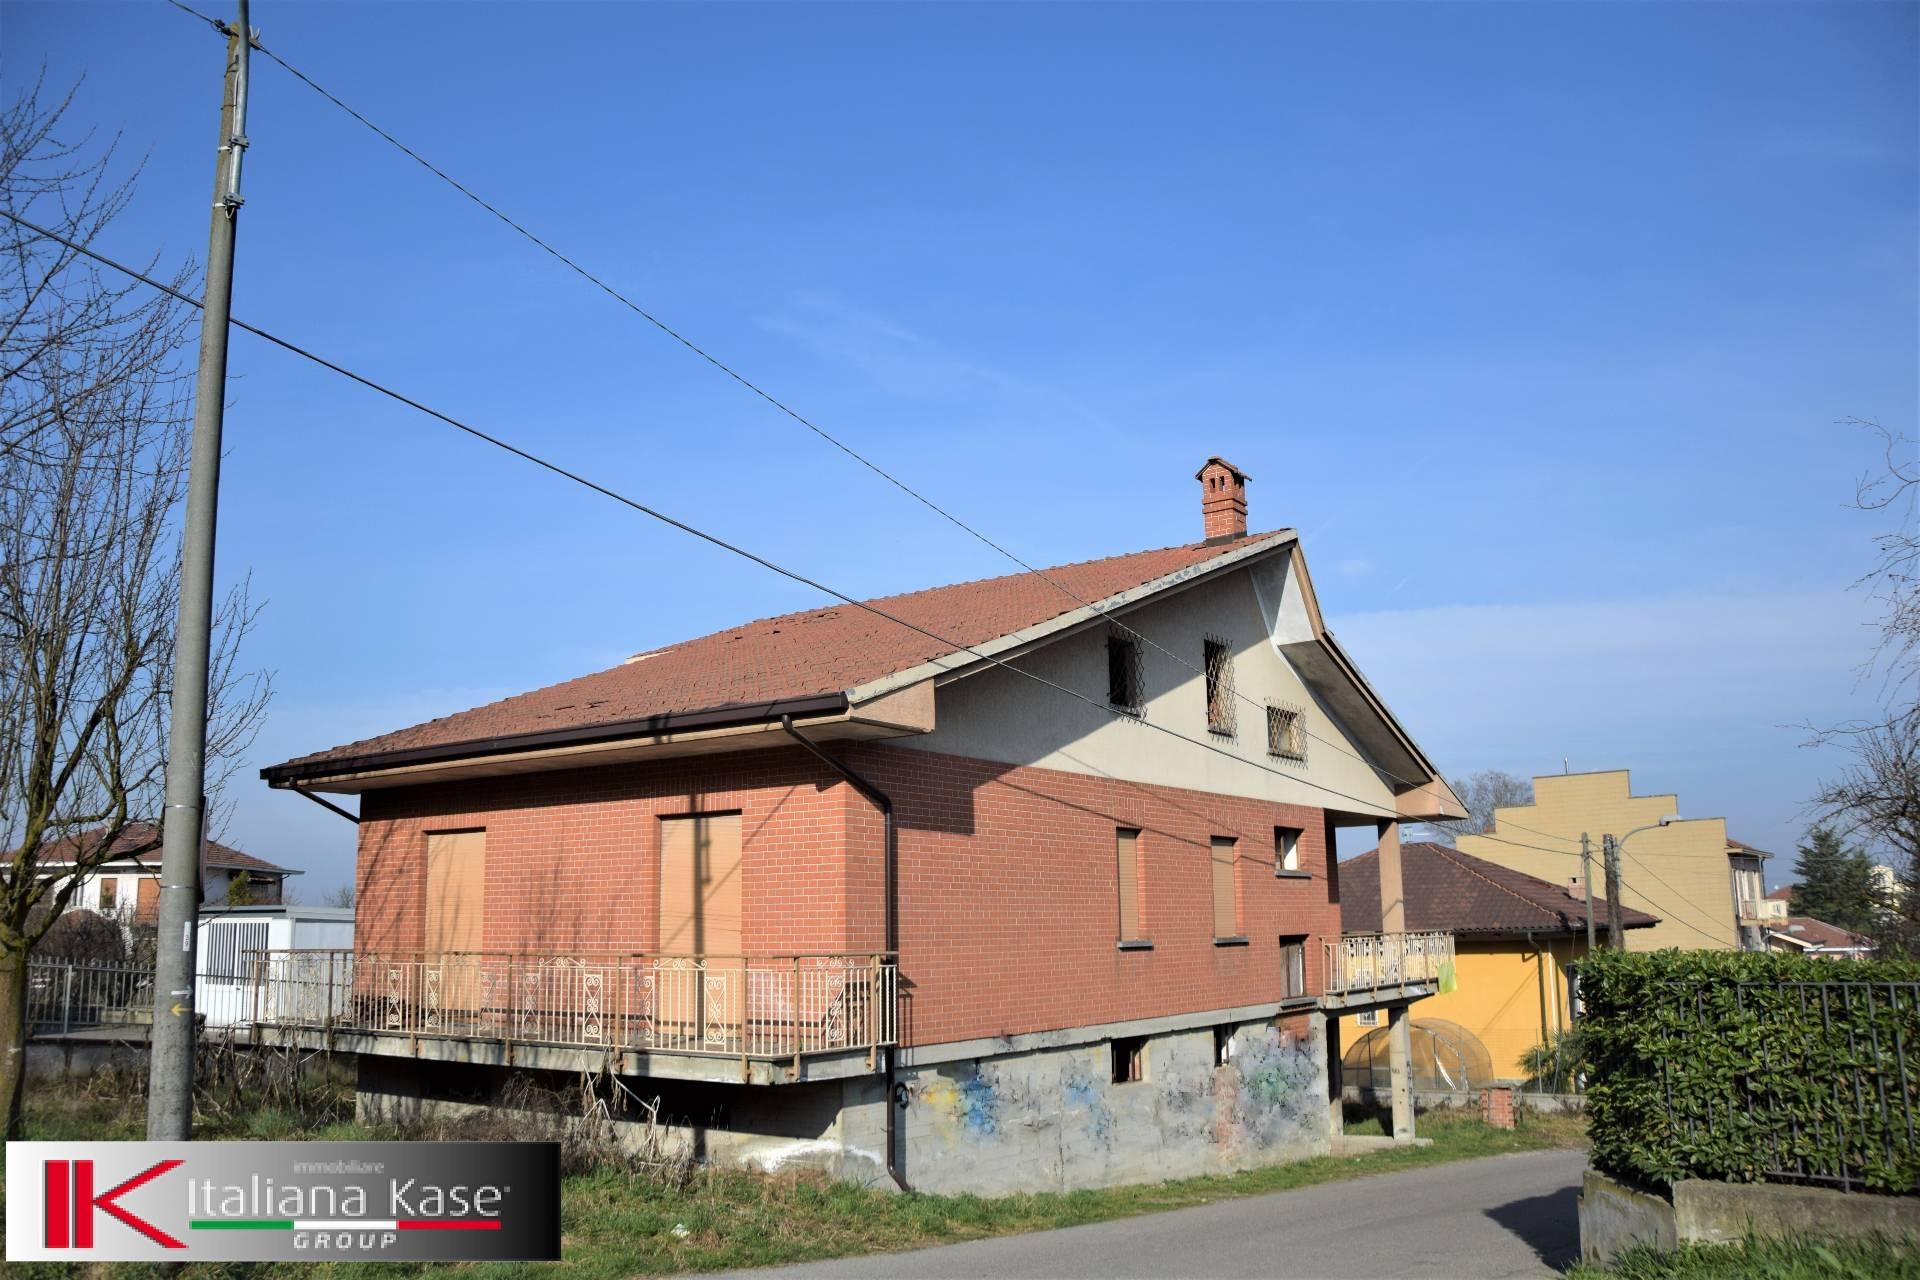 Soluzione Indipendente in vendita a Castiglione Torinese, 8 locali, zona Località: Centro, prezzo € 320.000   Cambio Casa.it